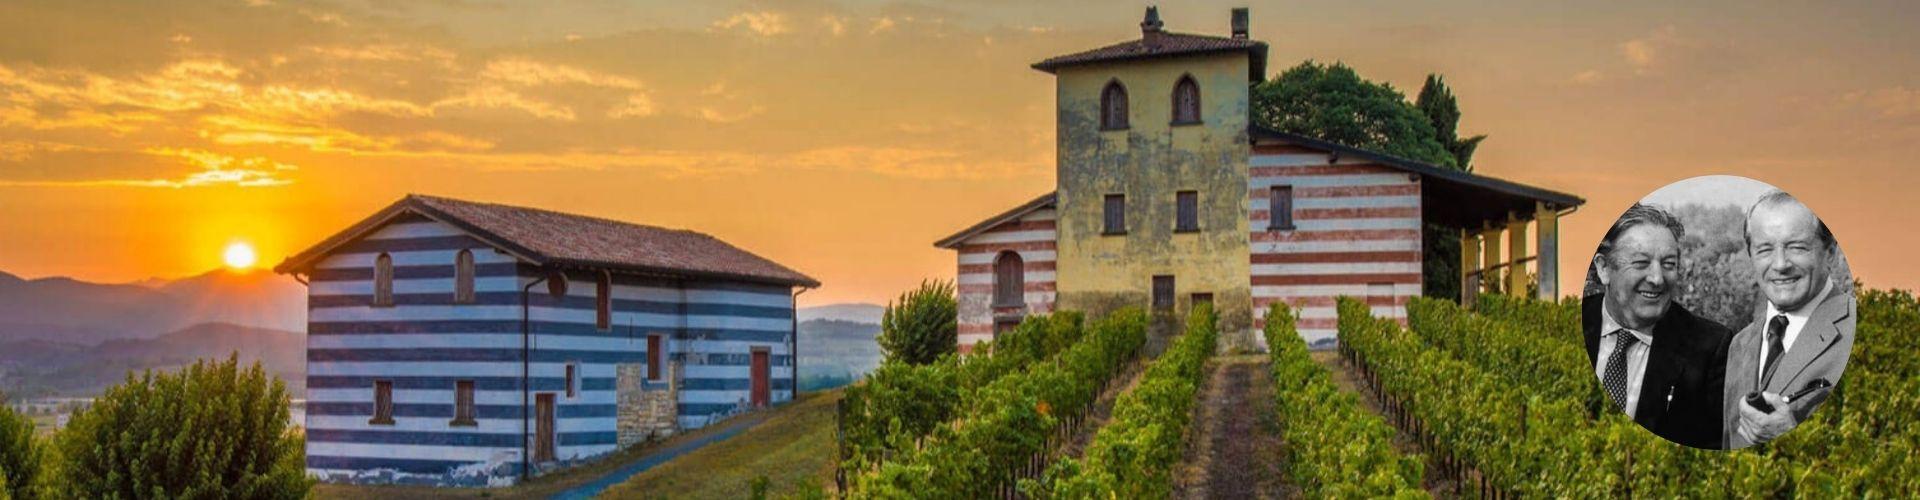 Wino Guido Berlucchi